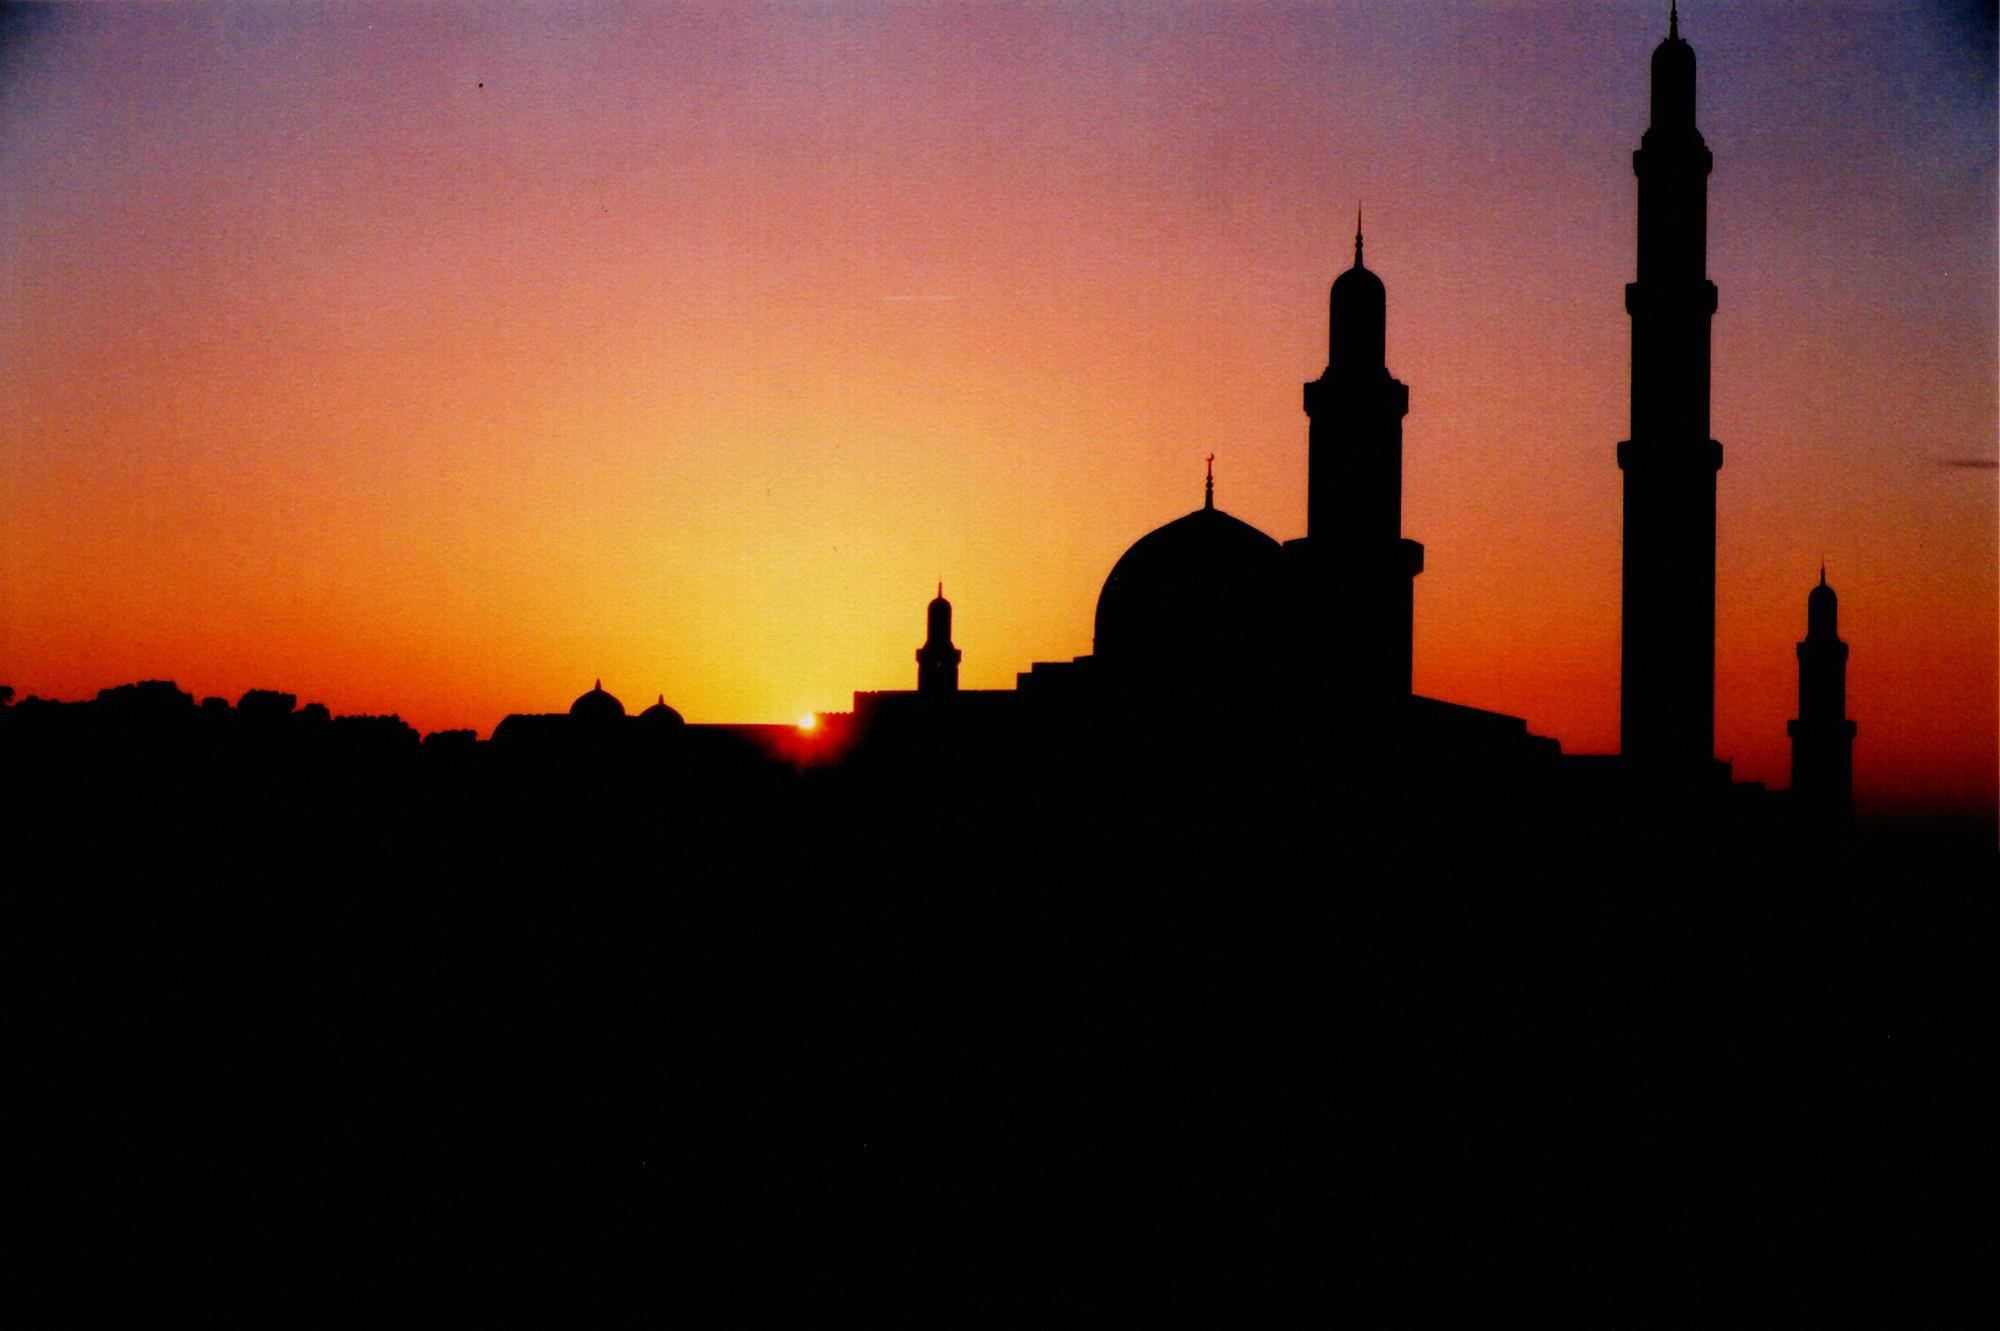 Hukum Pengojek Menunggu Penumpang di Masjid